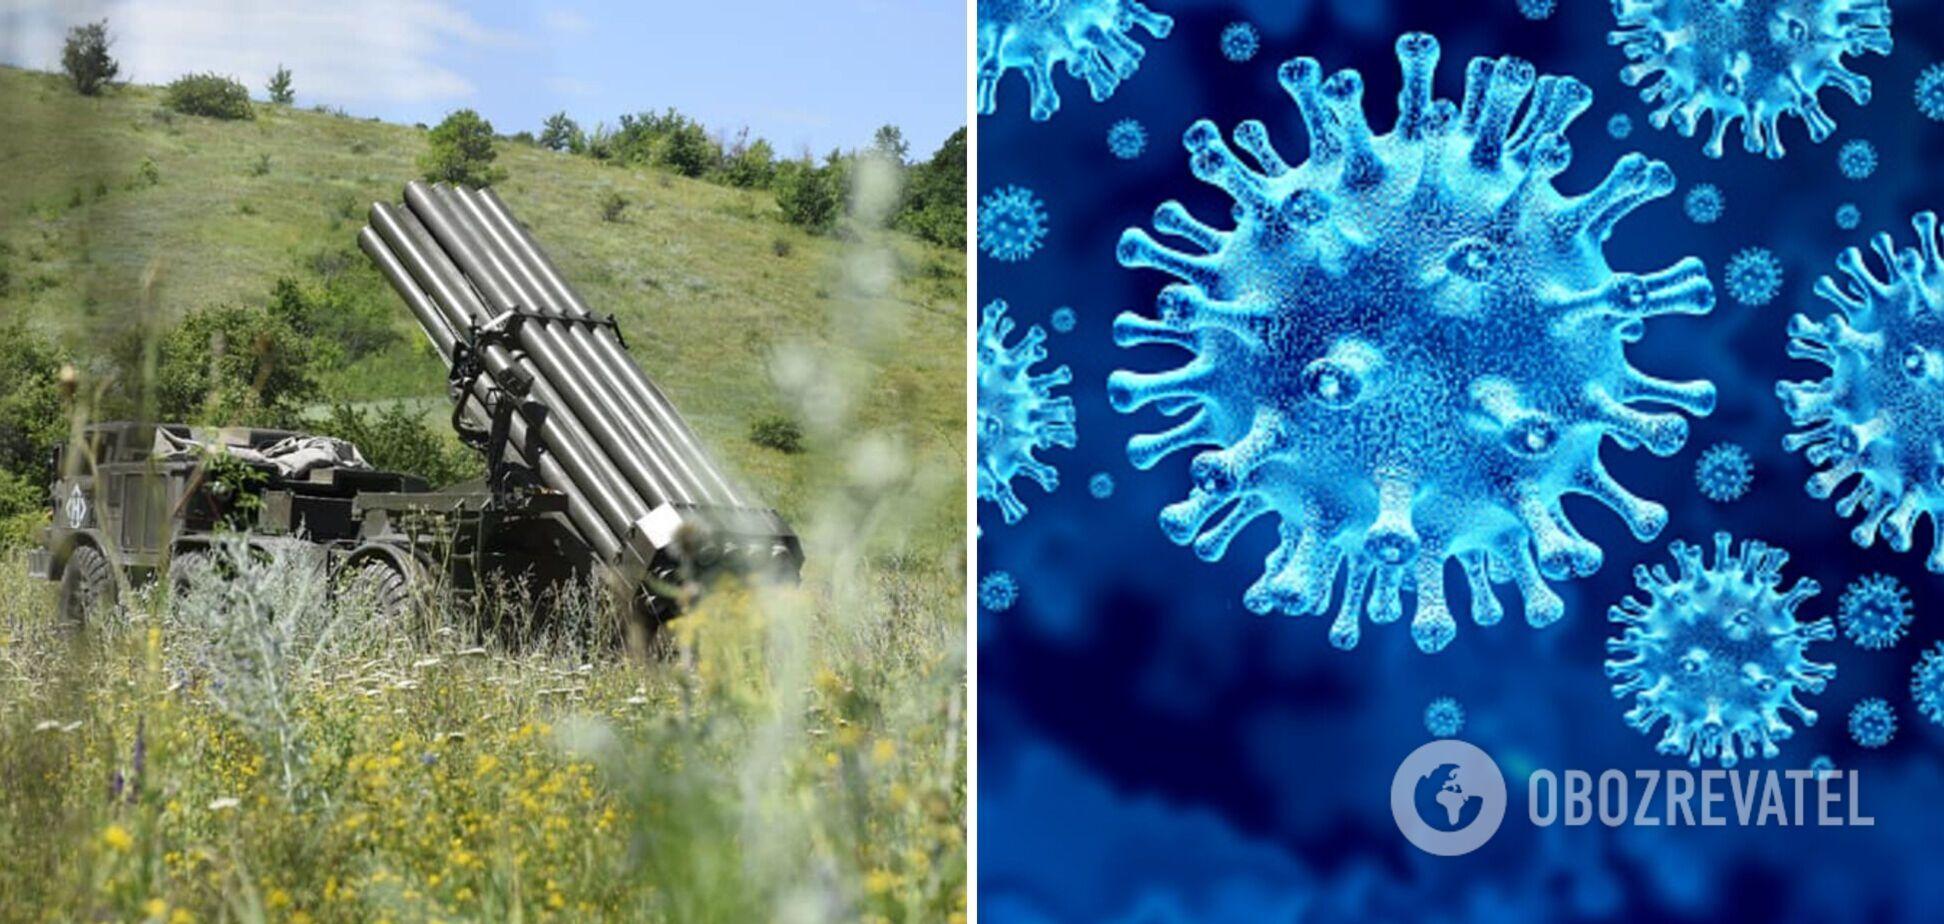 В ВСУ показали вооружение, а врач предупредил о штамме коронавируса Дельта